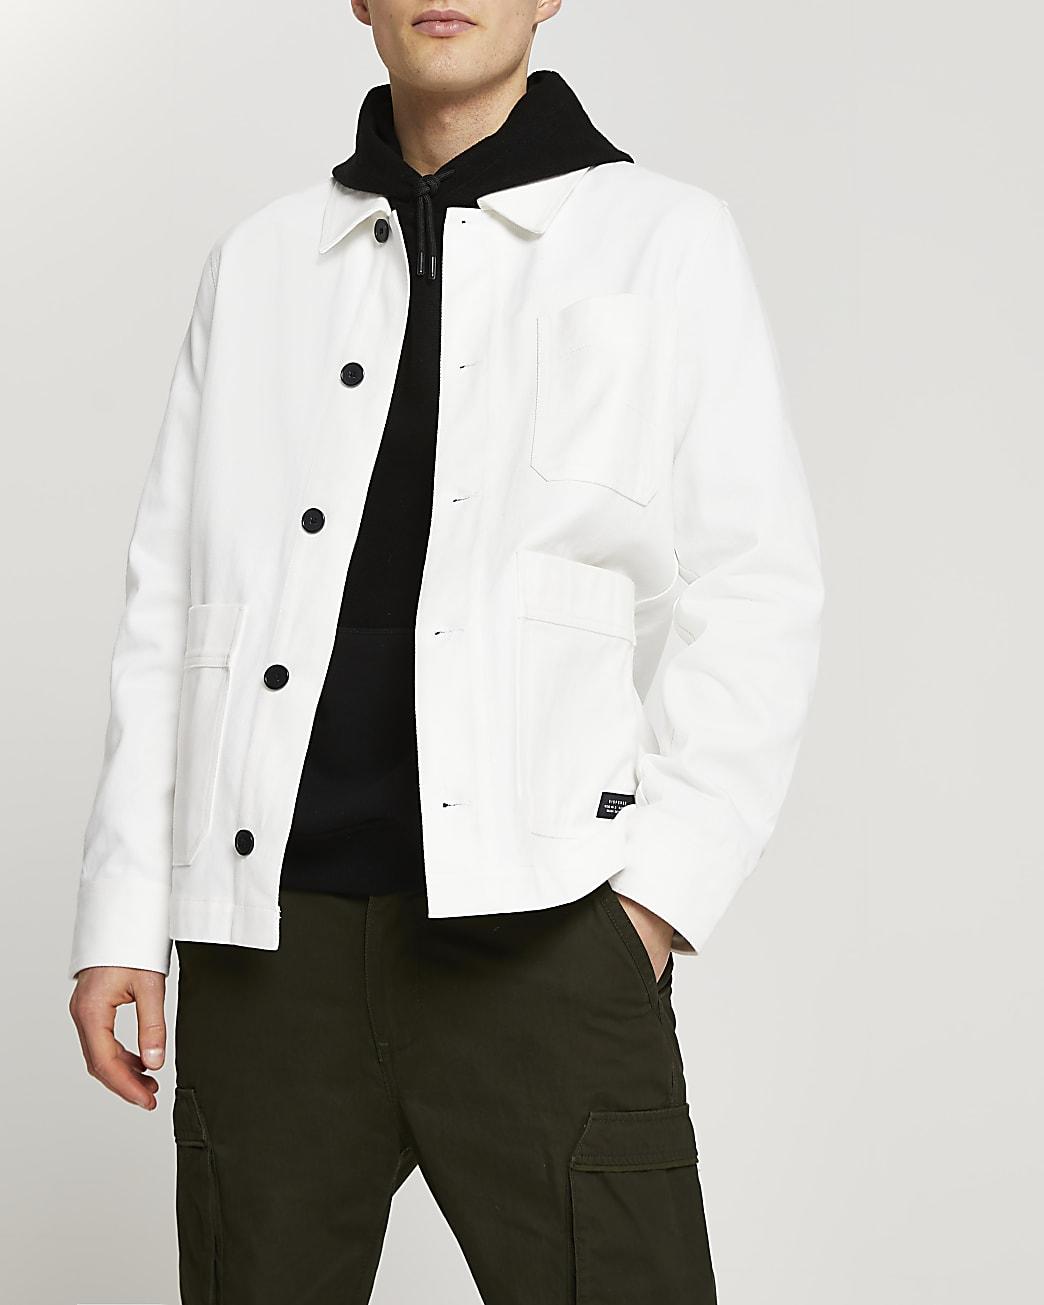 White long sleeve jacket